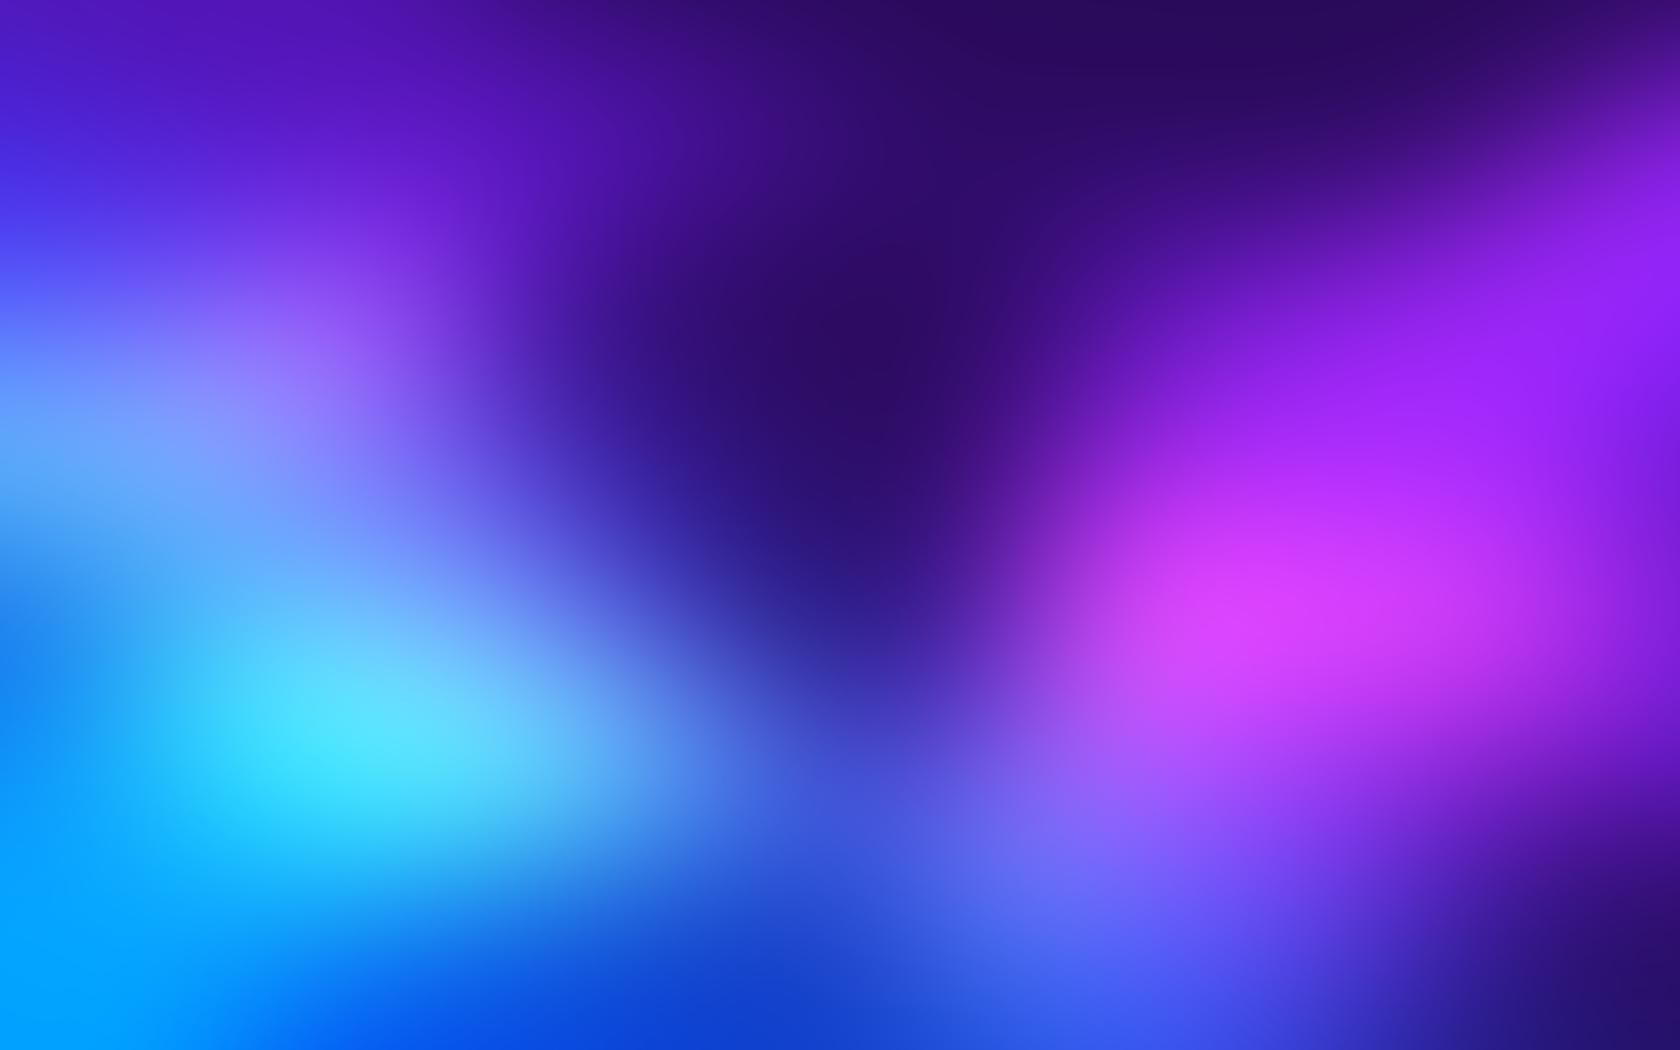 Azul abstracto - 1680x1050